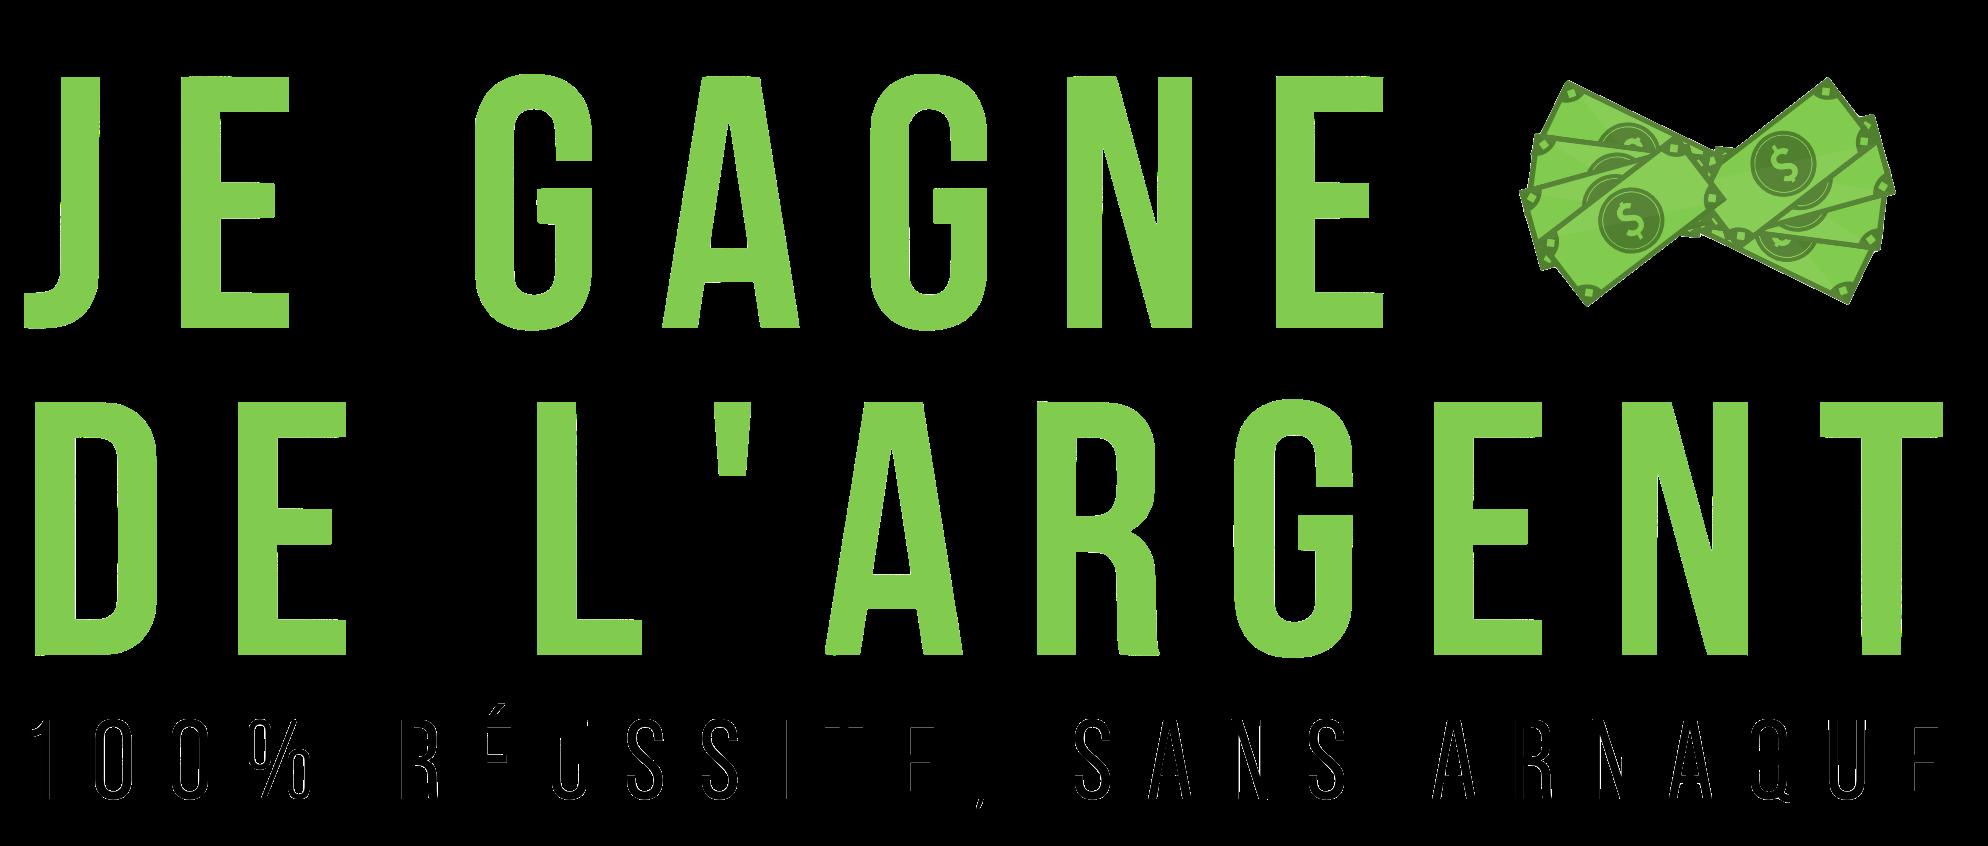 Jegagnedelargent: 99 méthodes et idées réelles pour gagner de l'argent